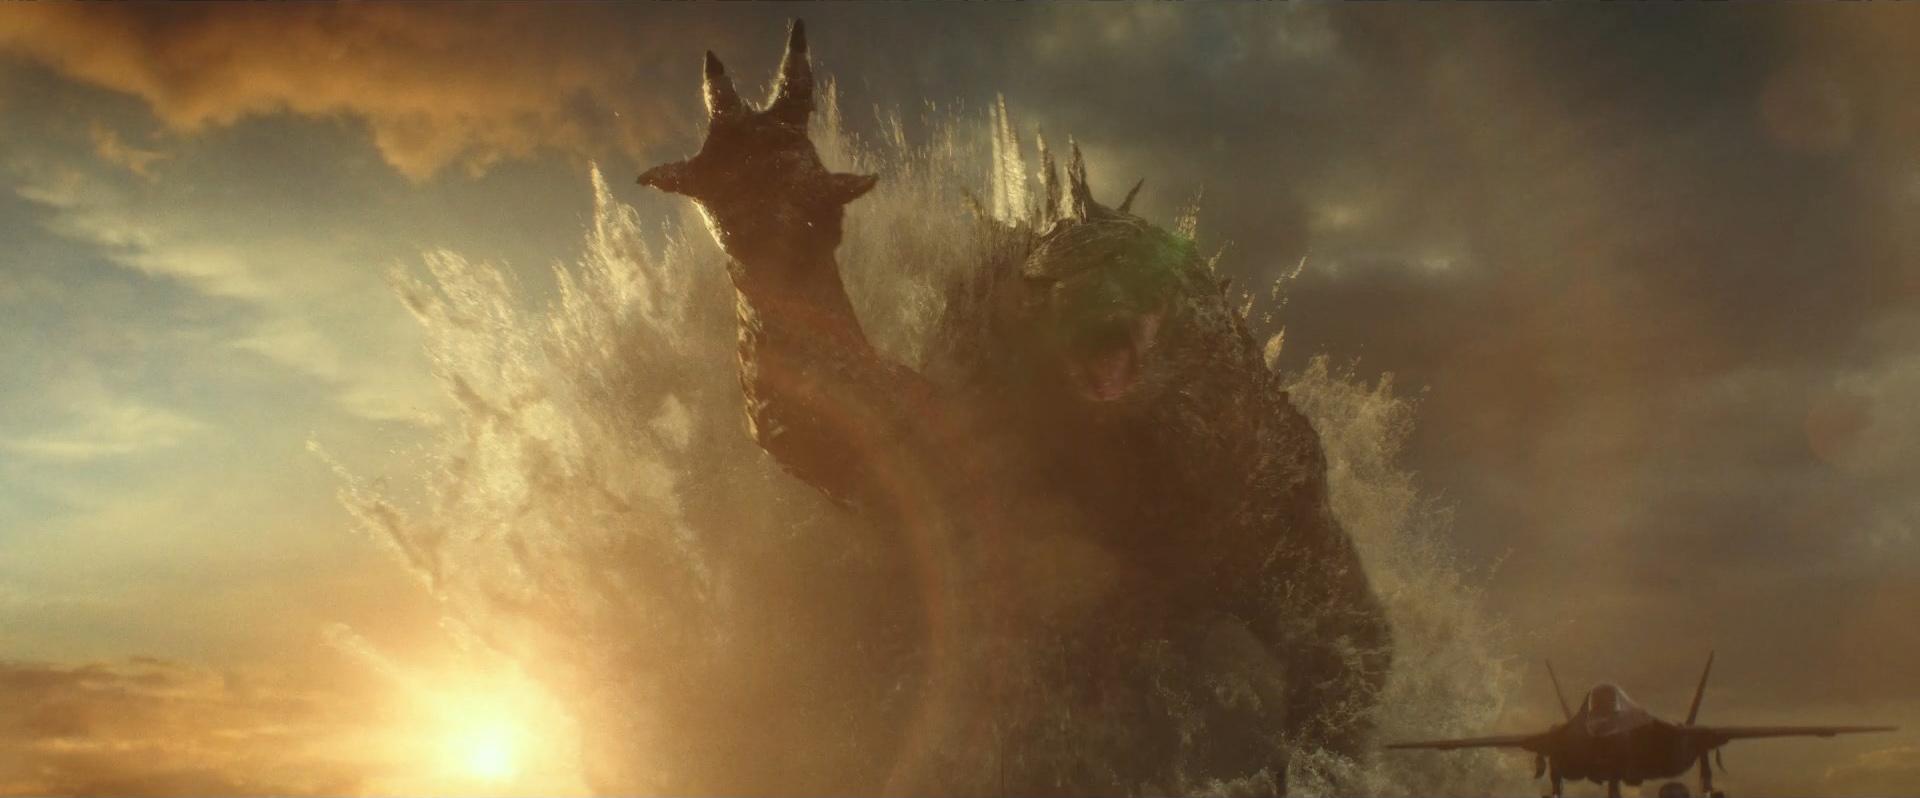 Godzilla vs Kong Trailer Still 37